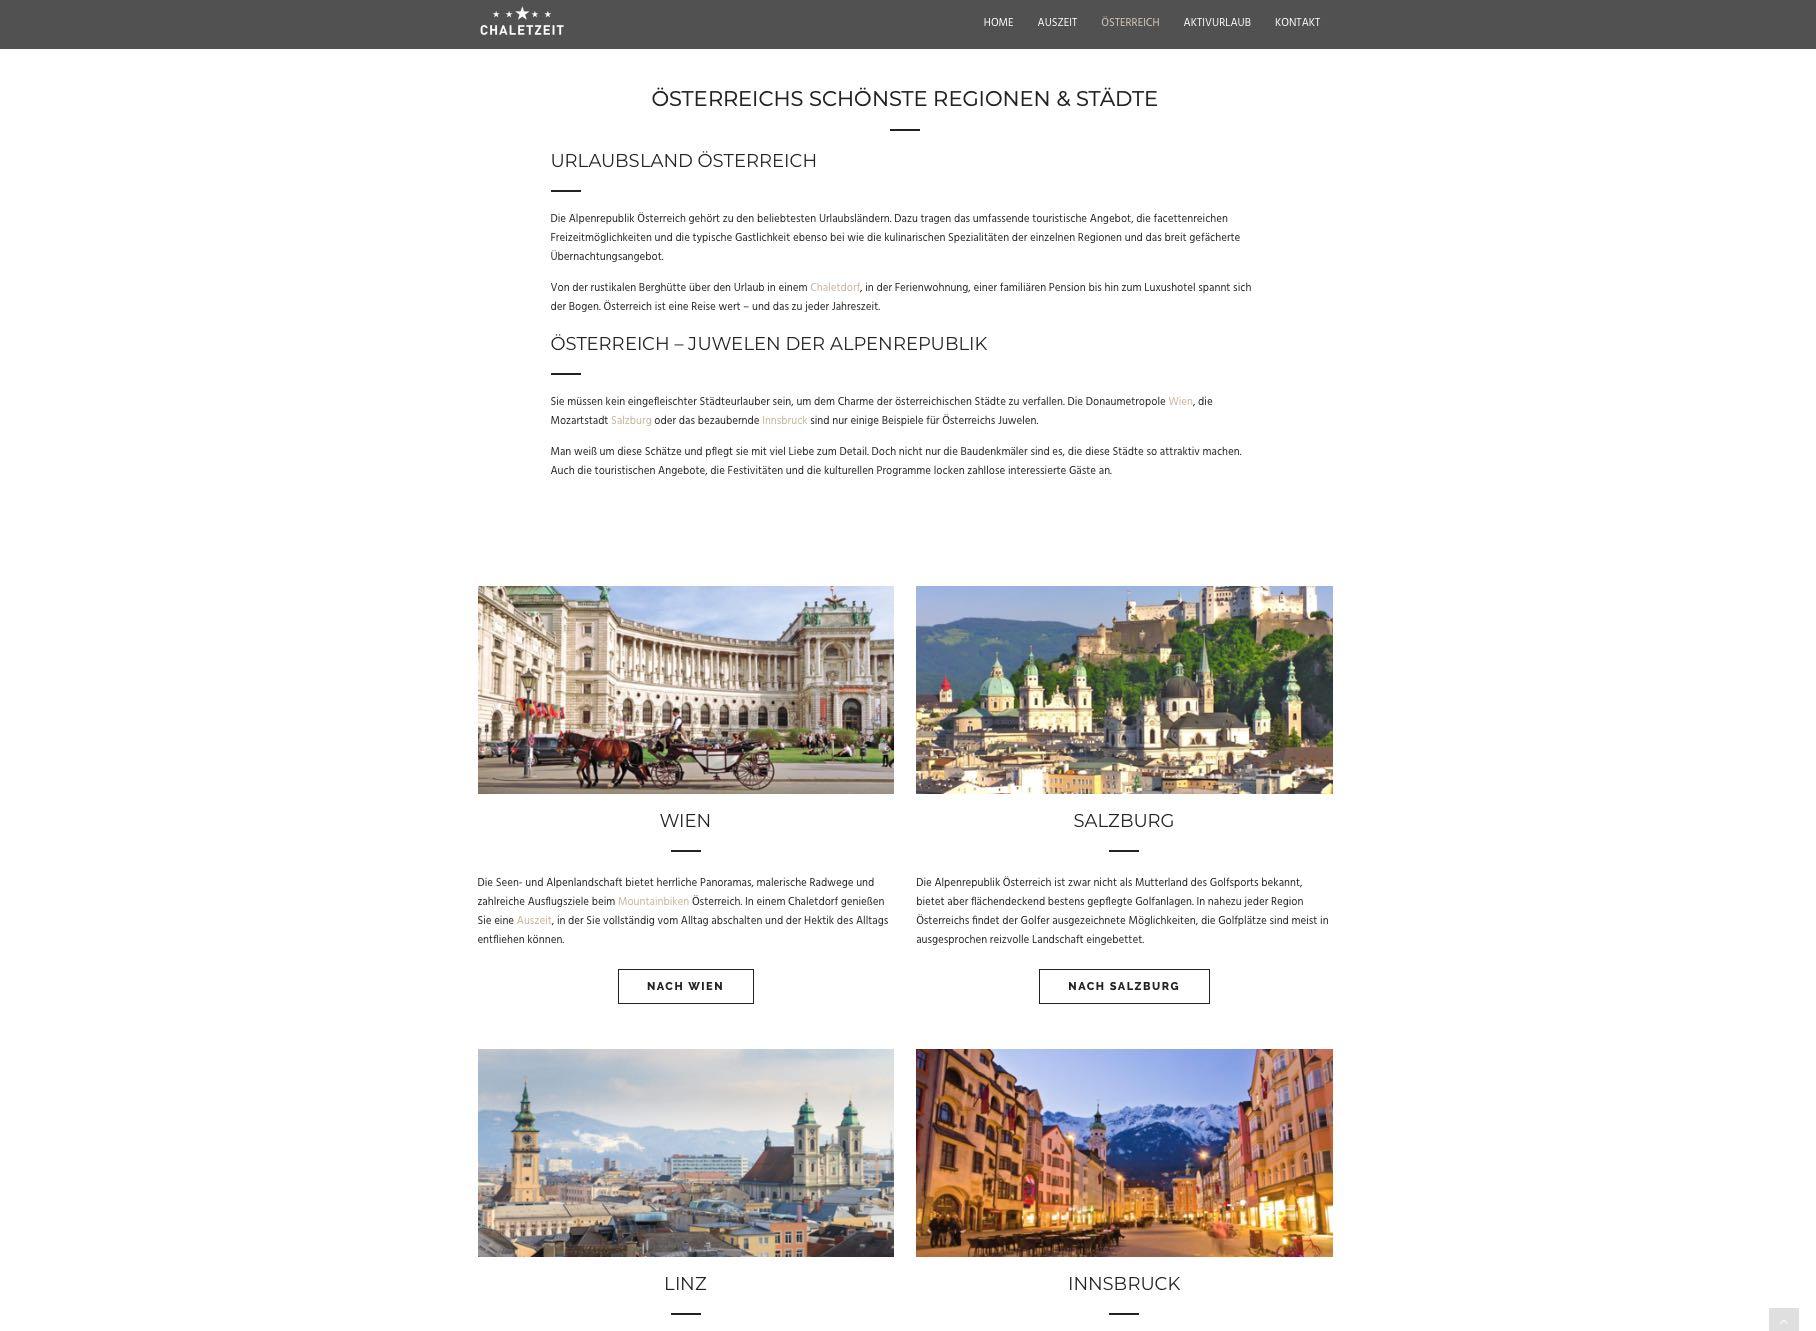 Case Study - ChaletZeit Mumme Digitalagentur